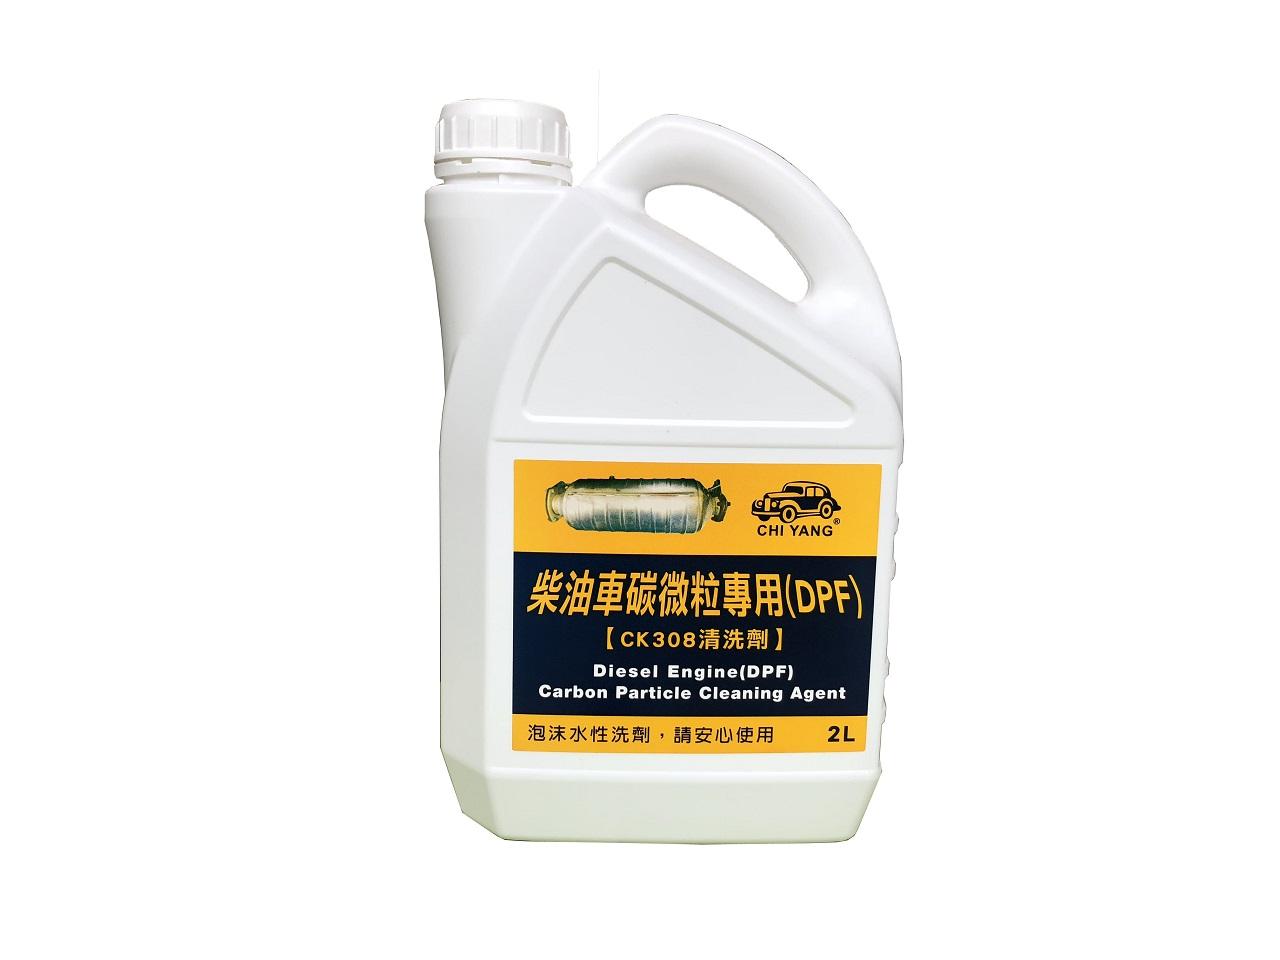 柴油車碳微粒專用清洗劑